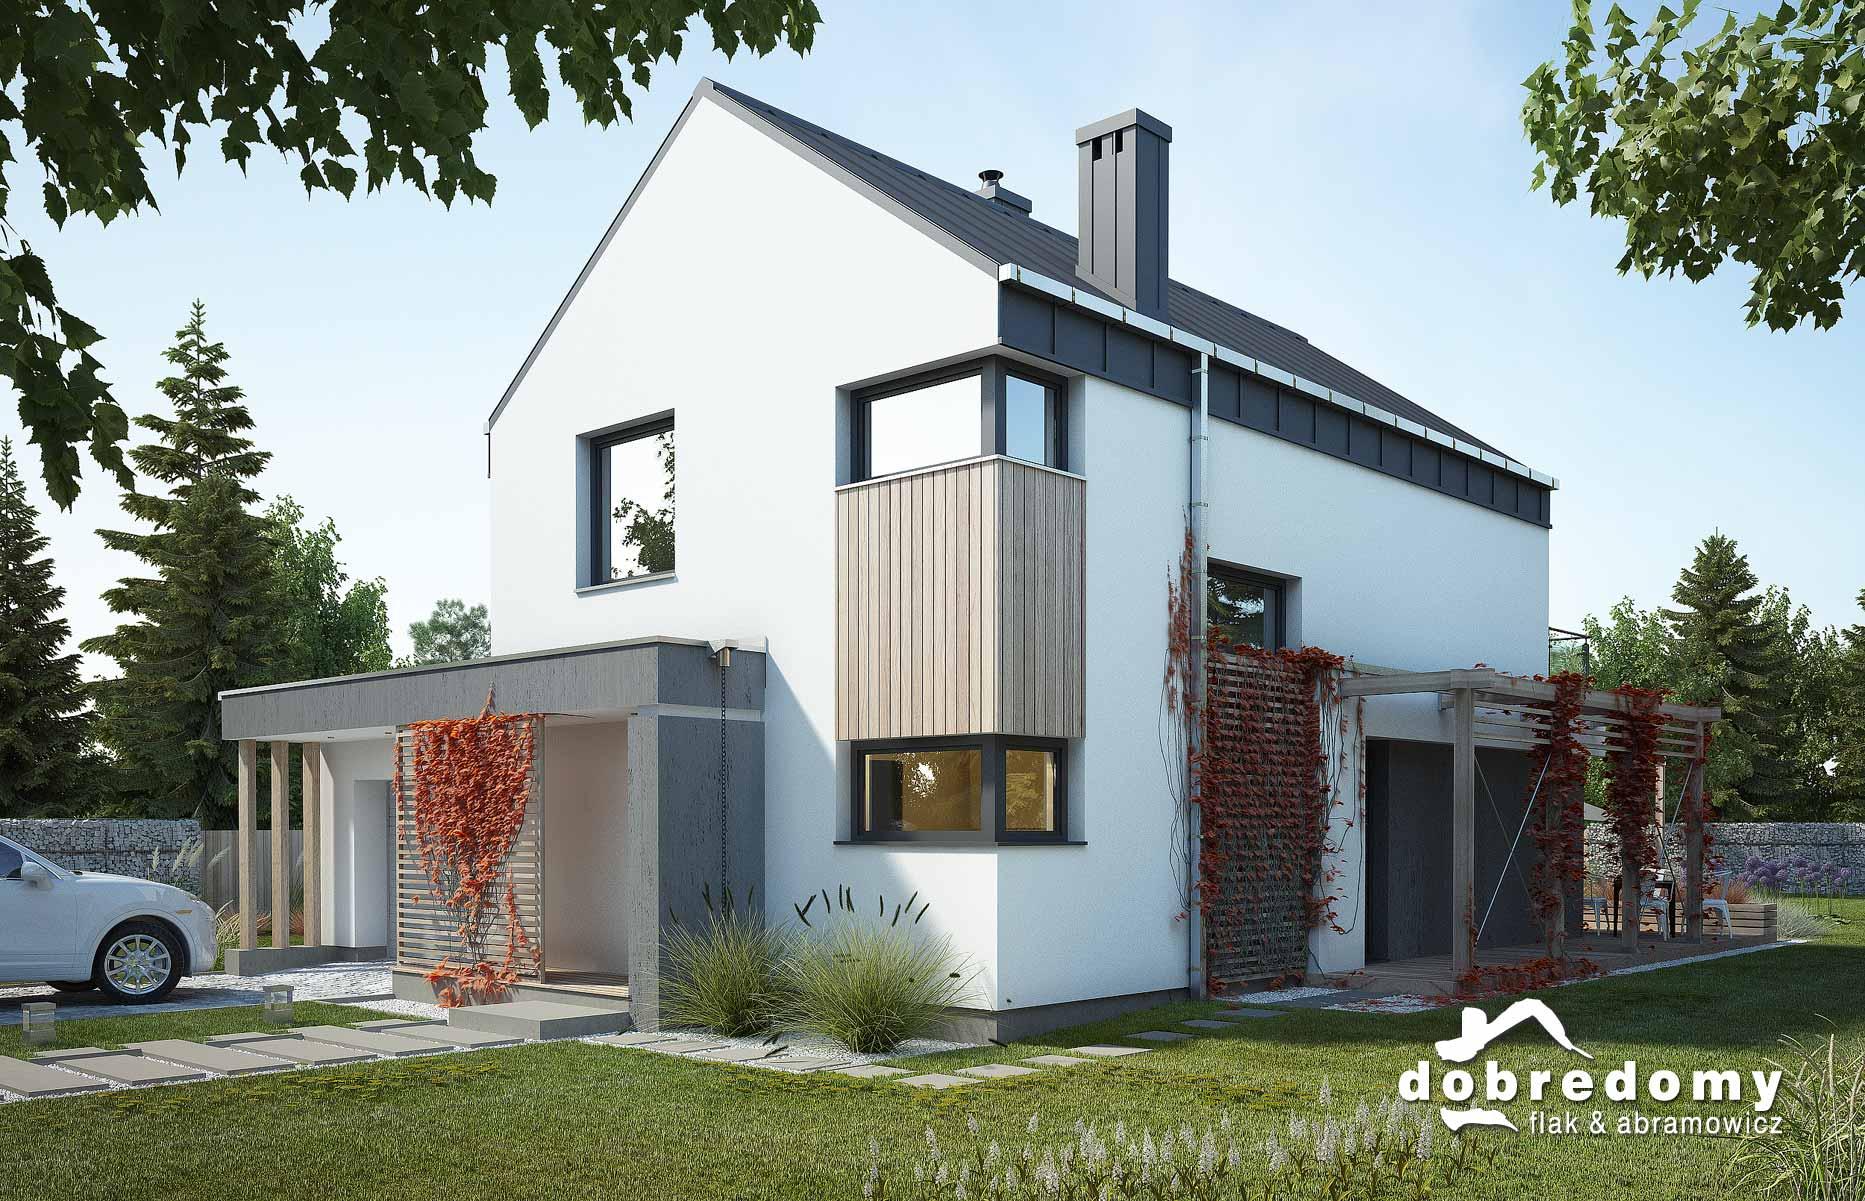 Pokrycie dachowe na lata. Dachówki ceramiczne dla nowoczesnych domów